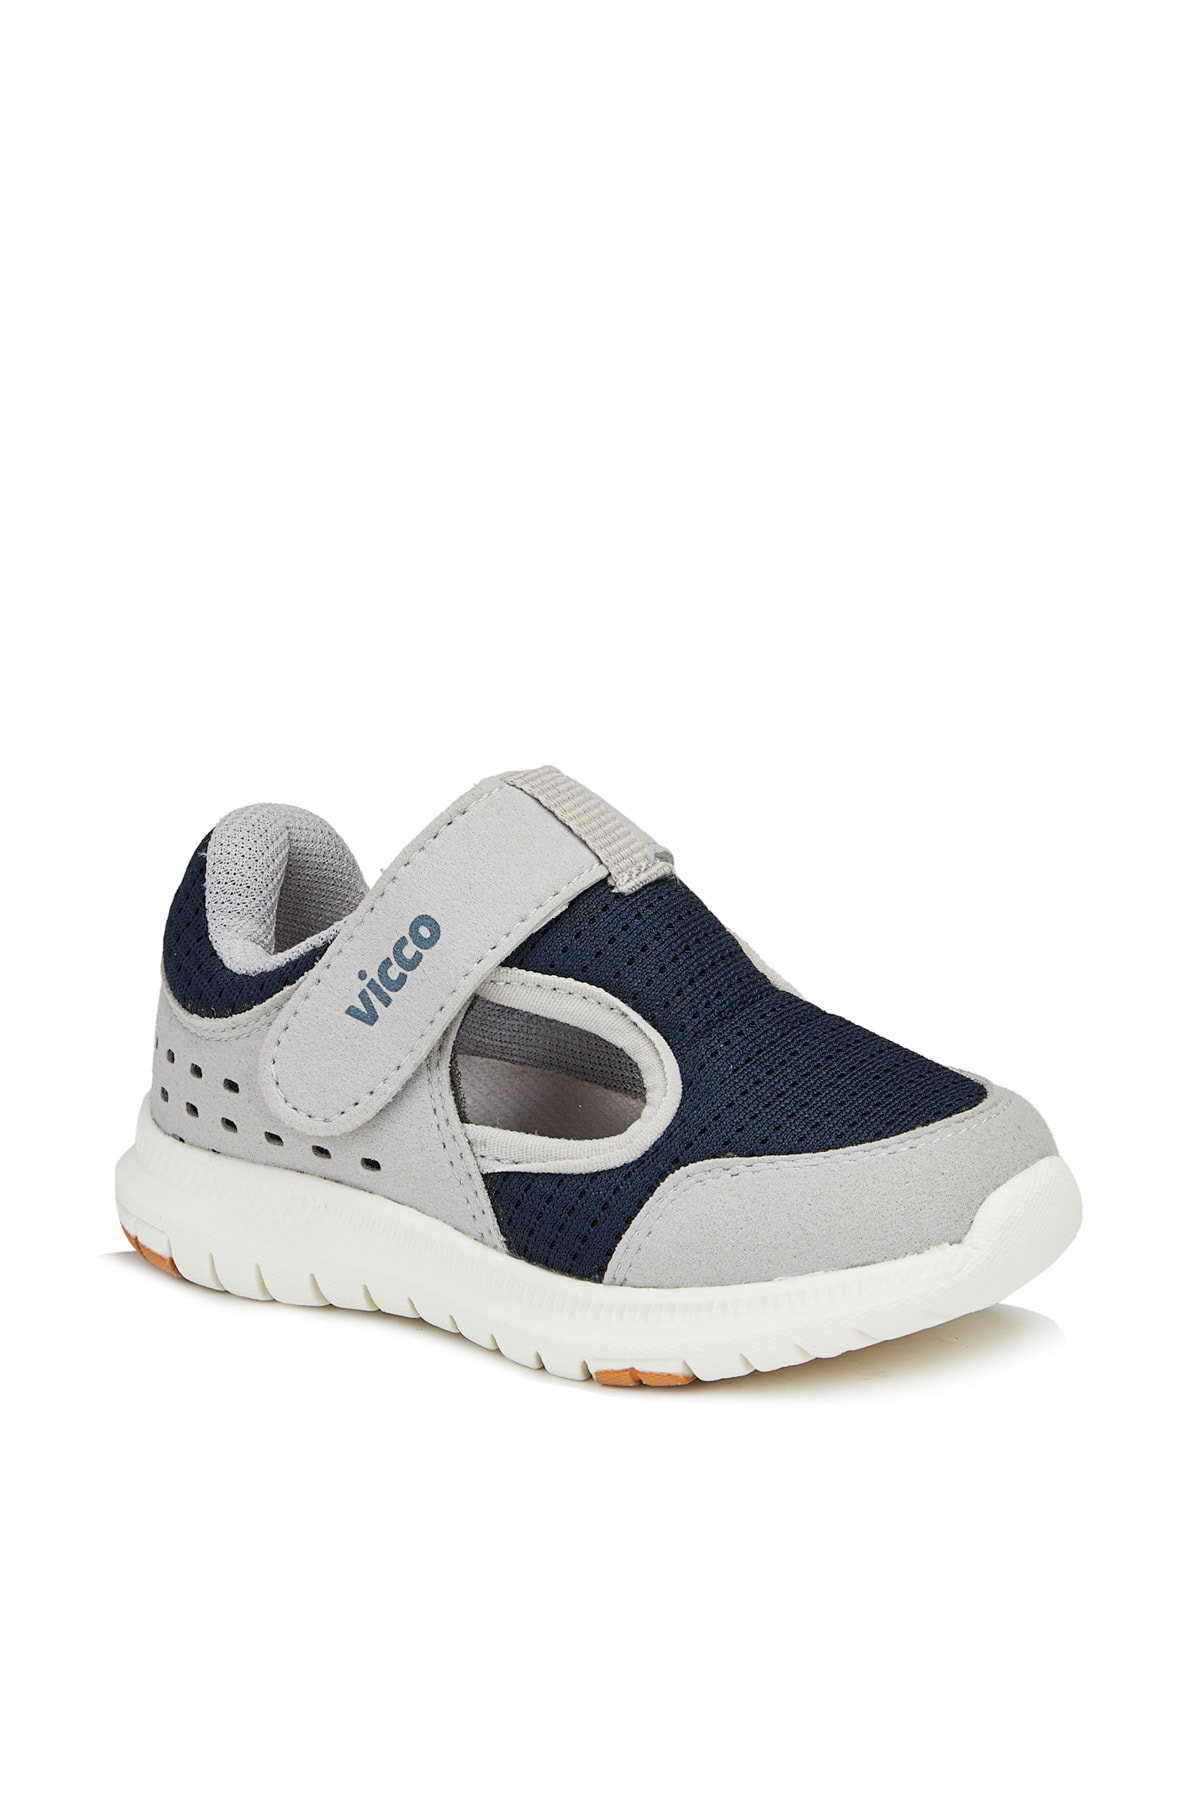 Teo Hafif Erkek Bebe Gri Spor Ayakkabı